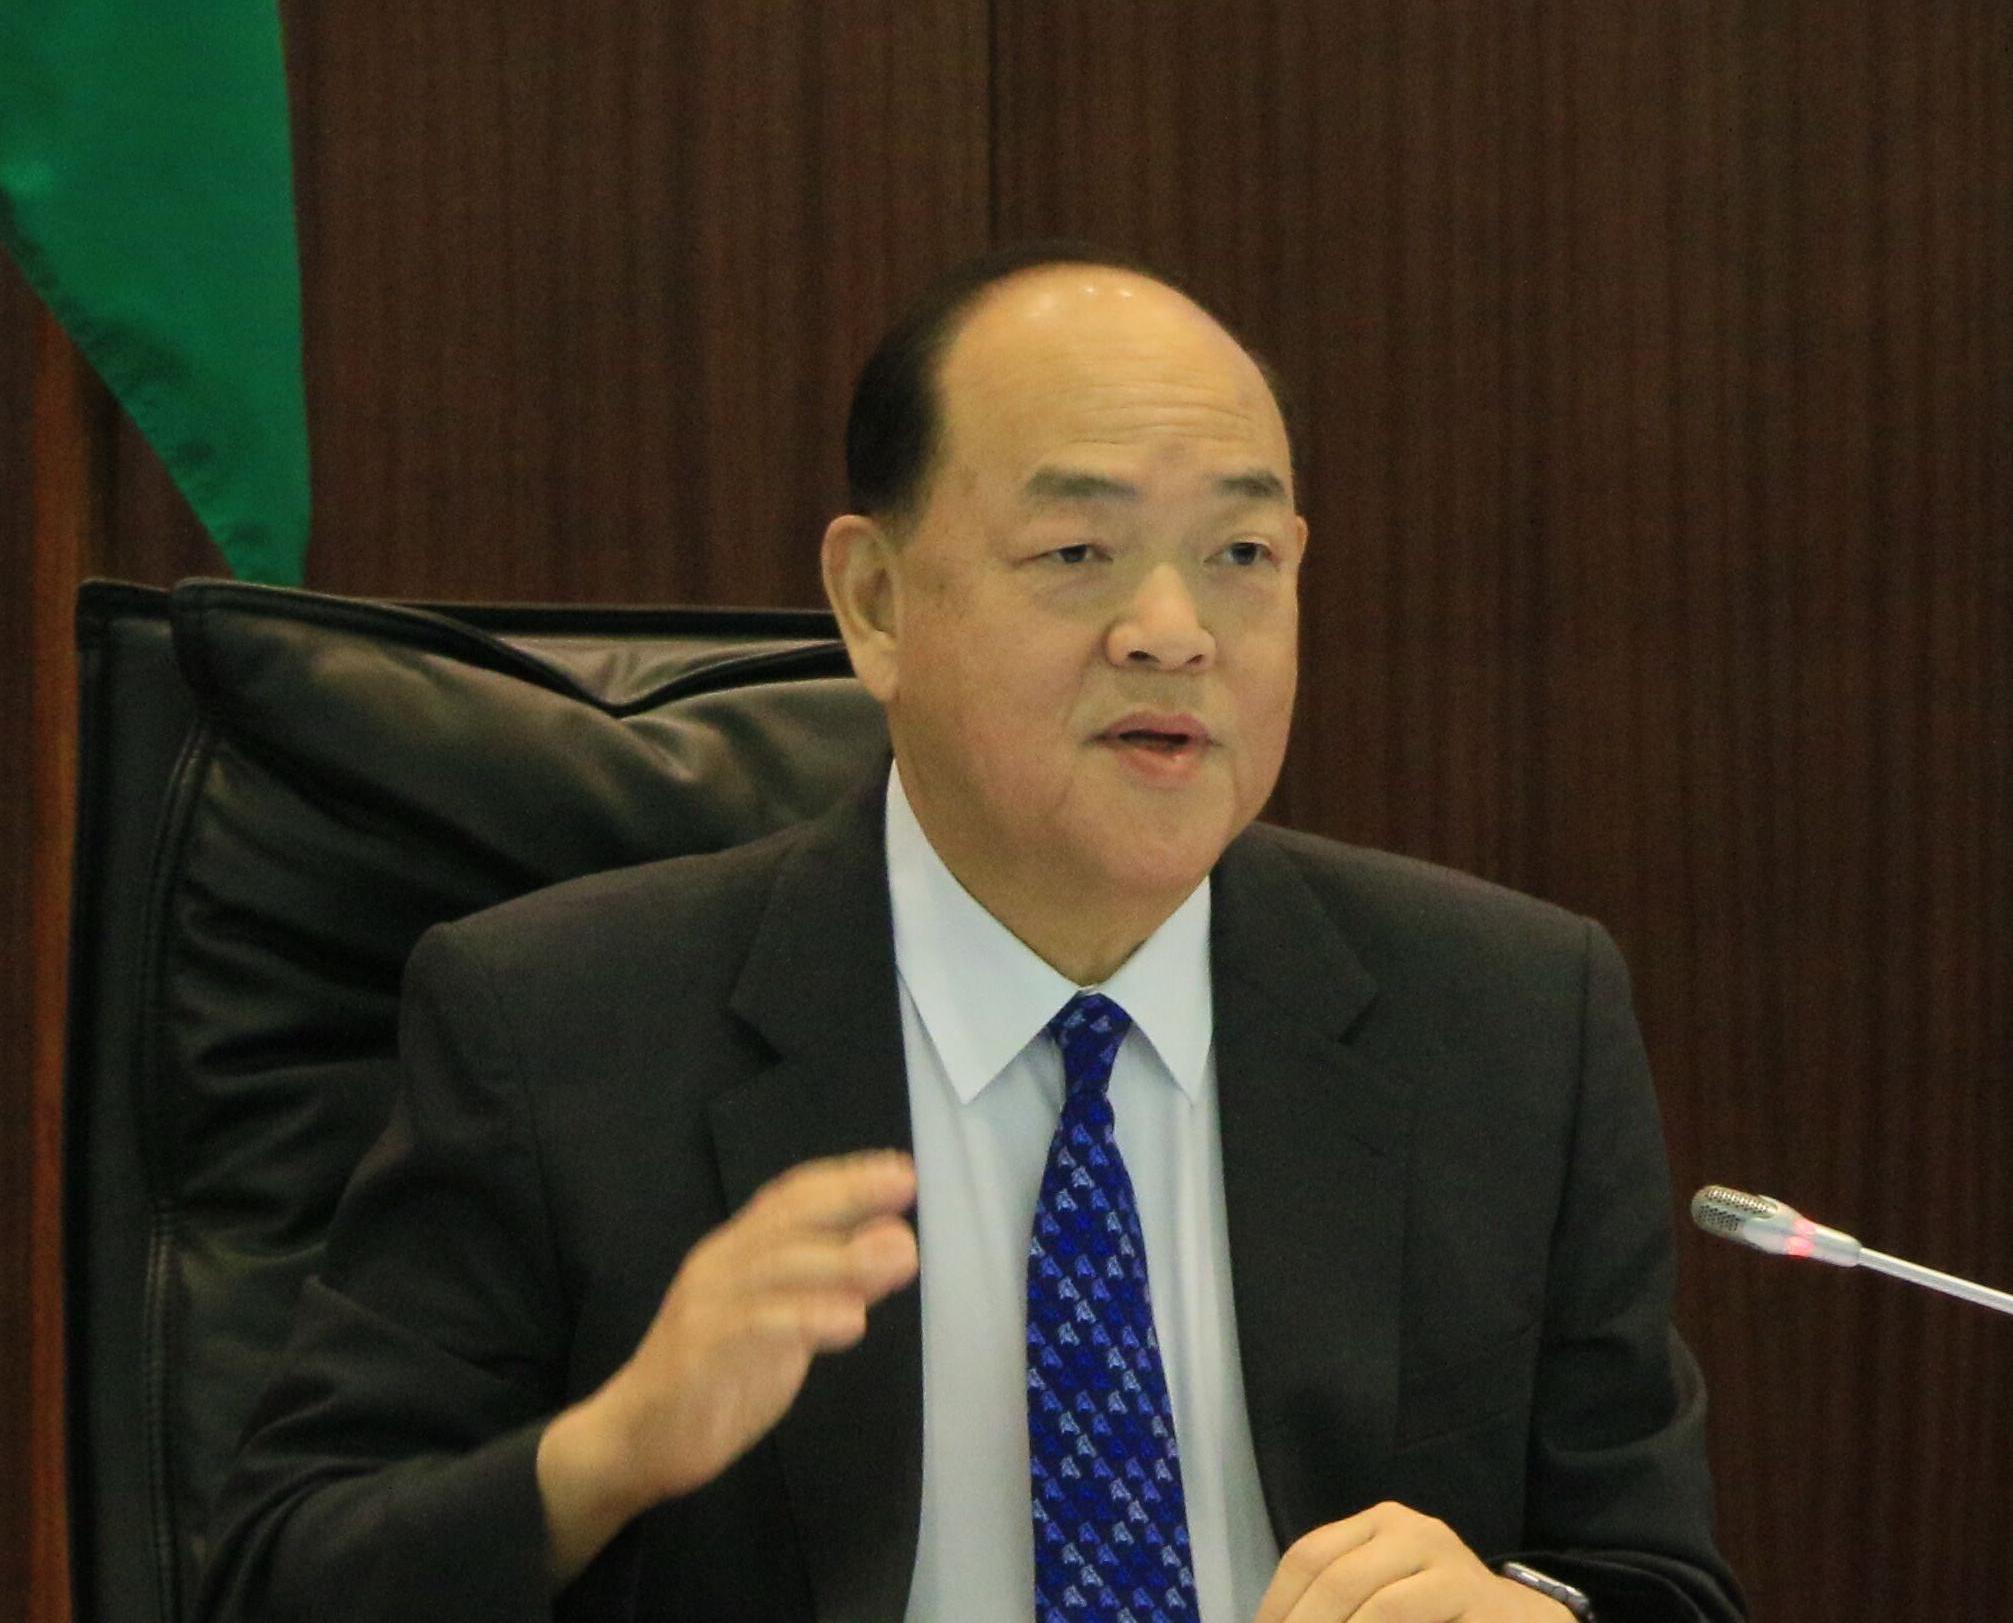 吳區議員再上訴遭全體會議否決